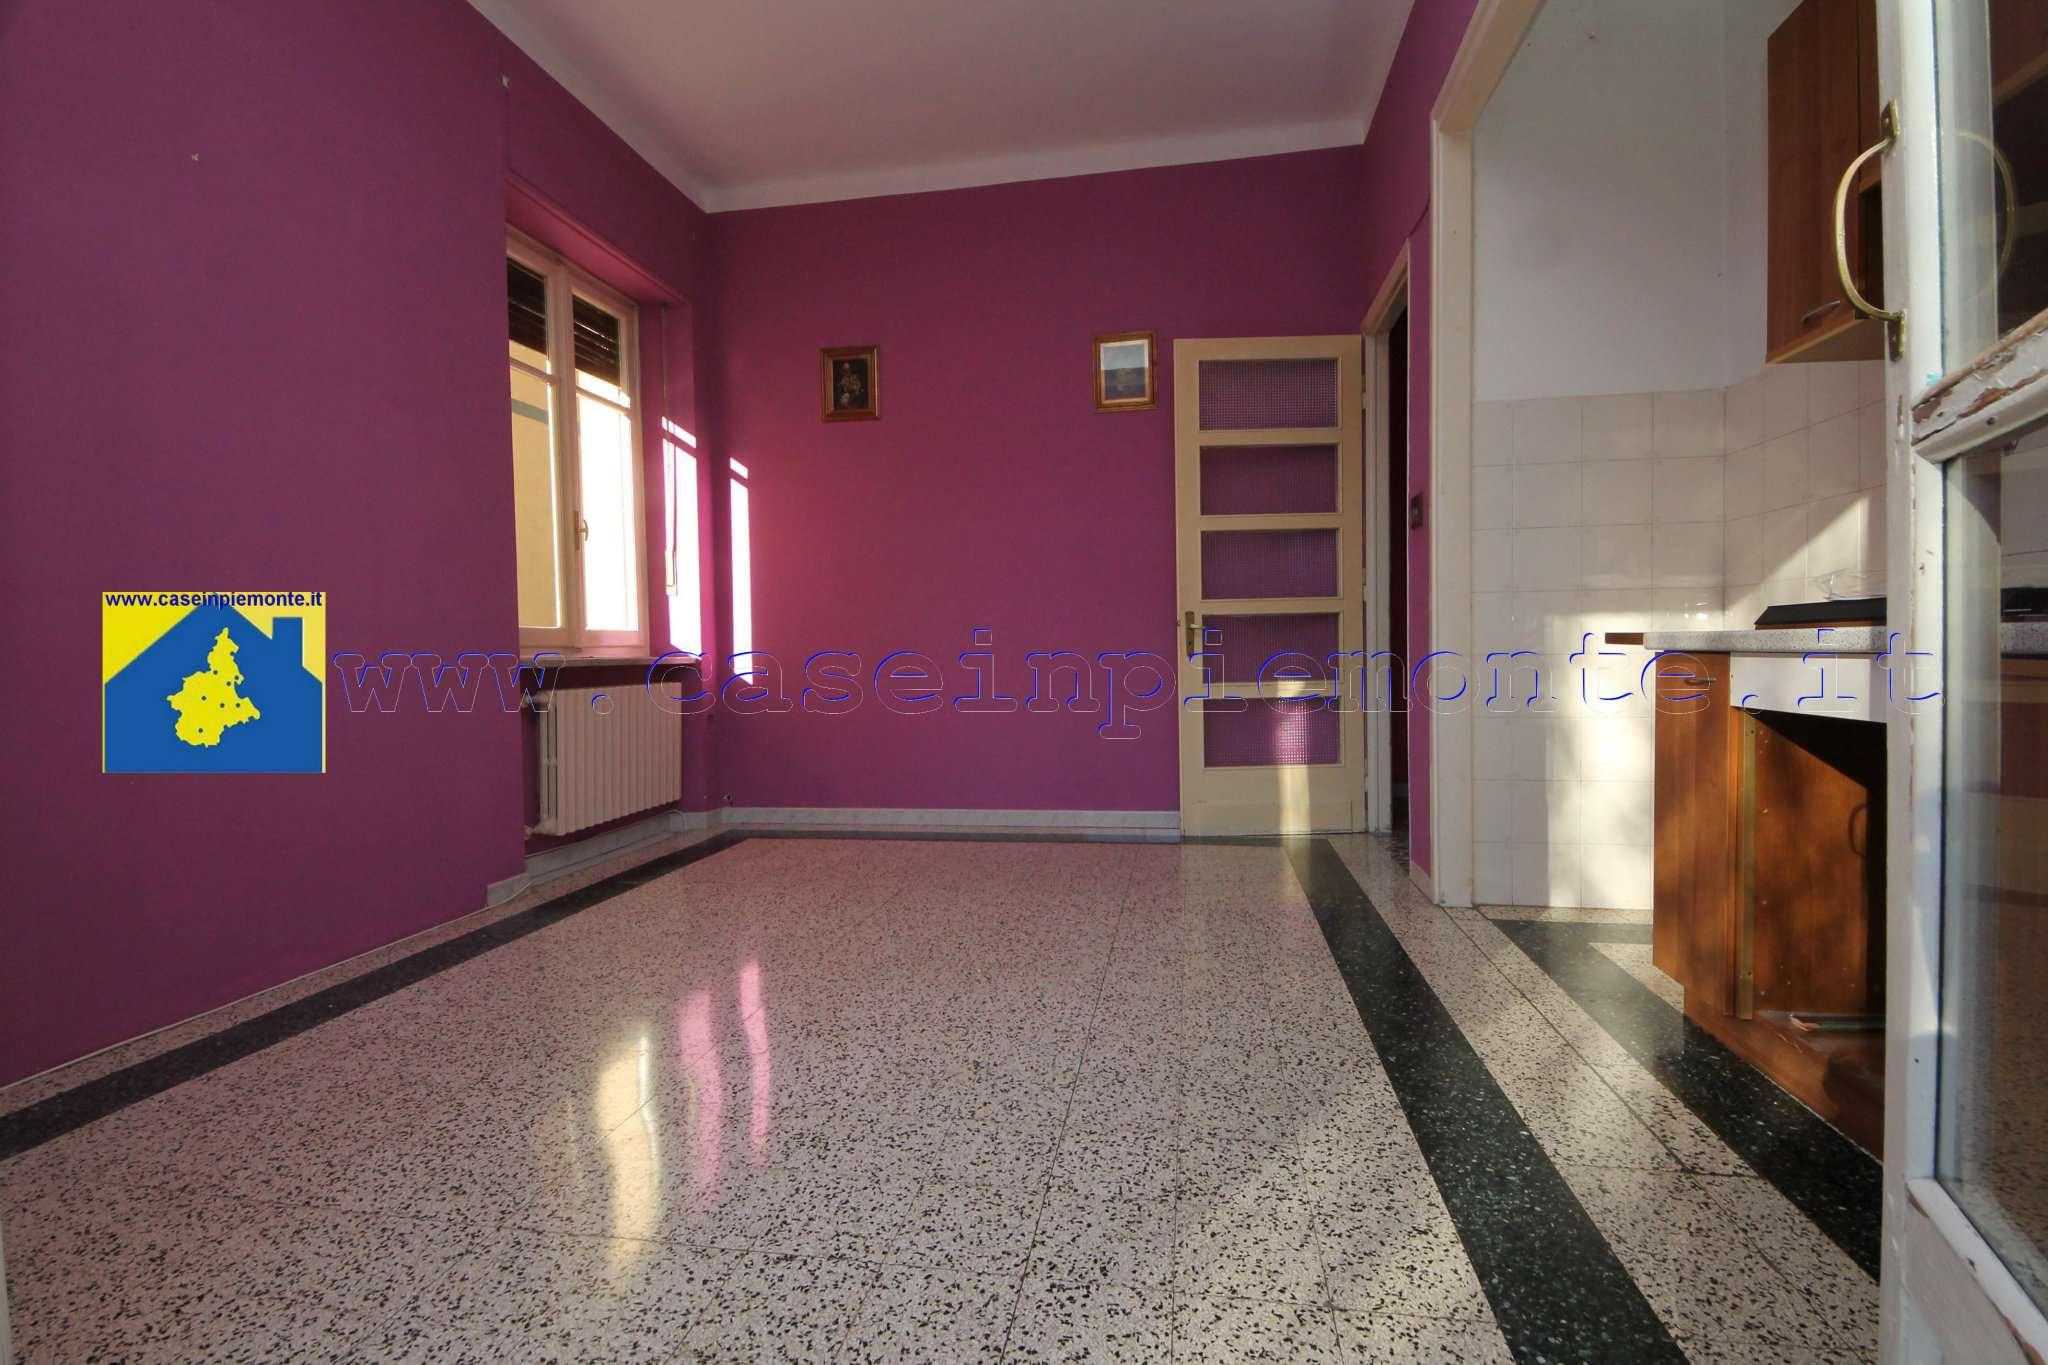 Foto 1 di Trilocale via Urbino 6, Rivoli